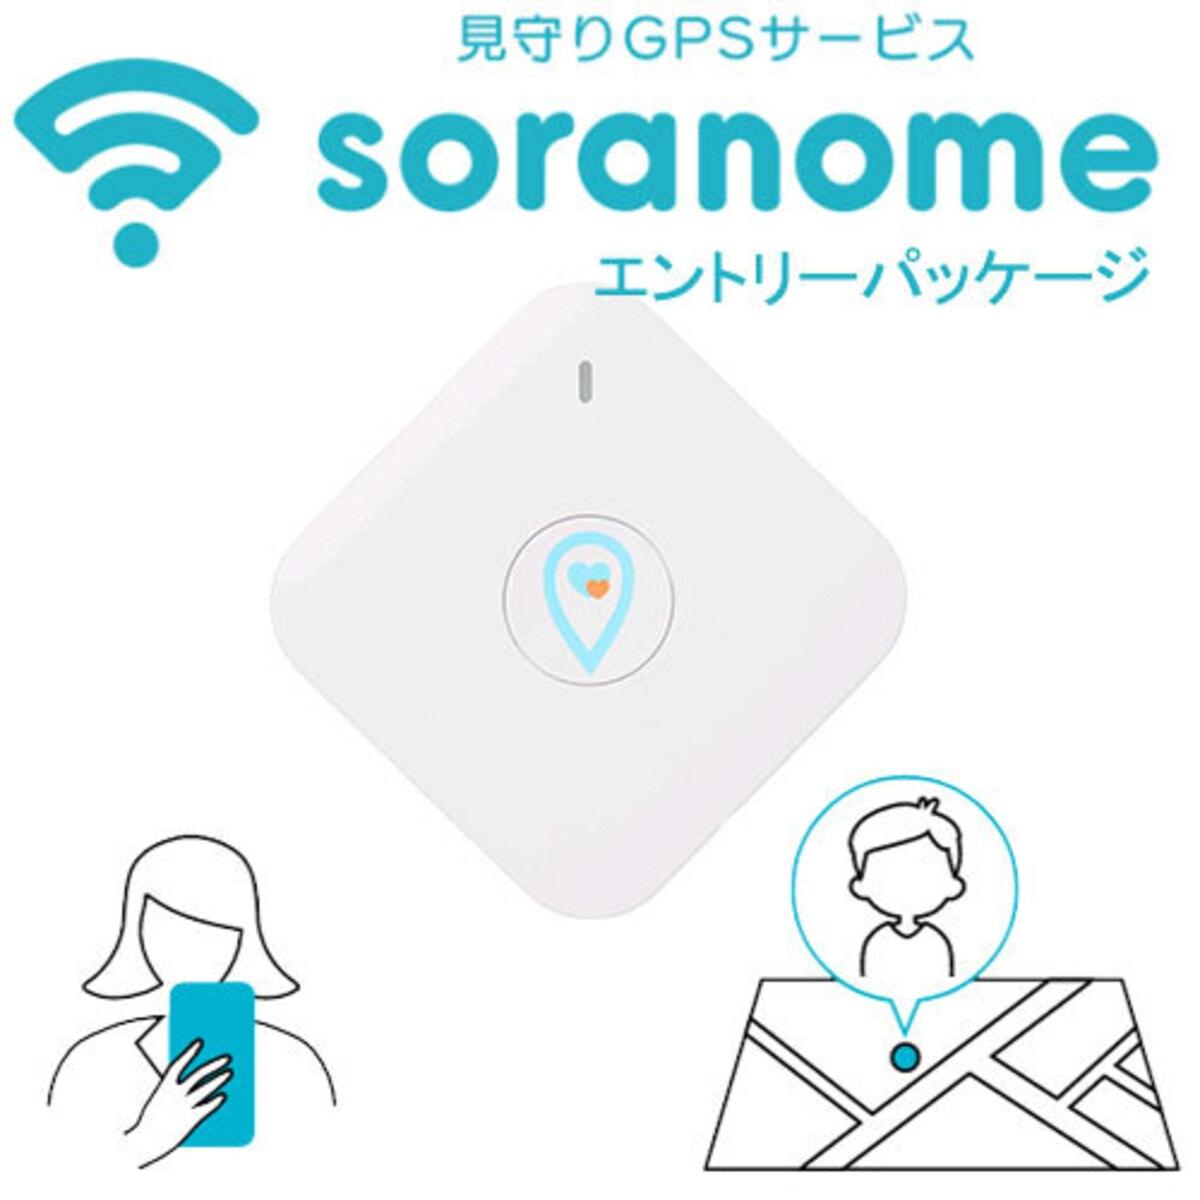 ソラノメ(soranome) エントリーパッケージ